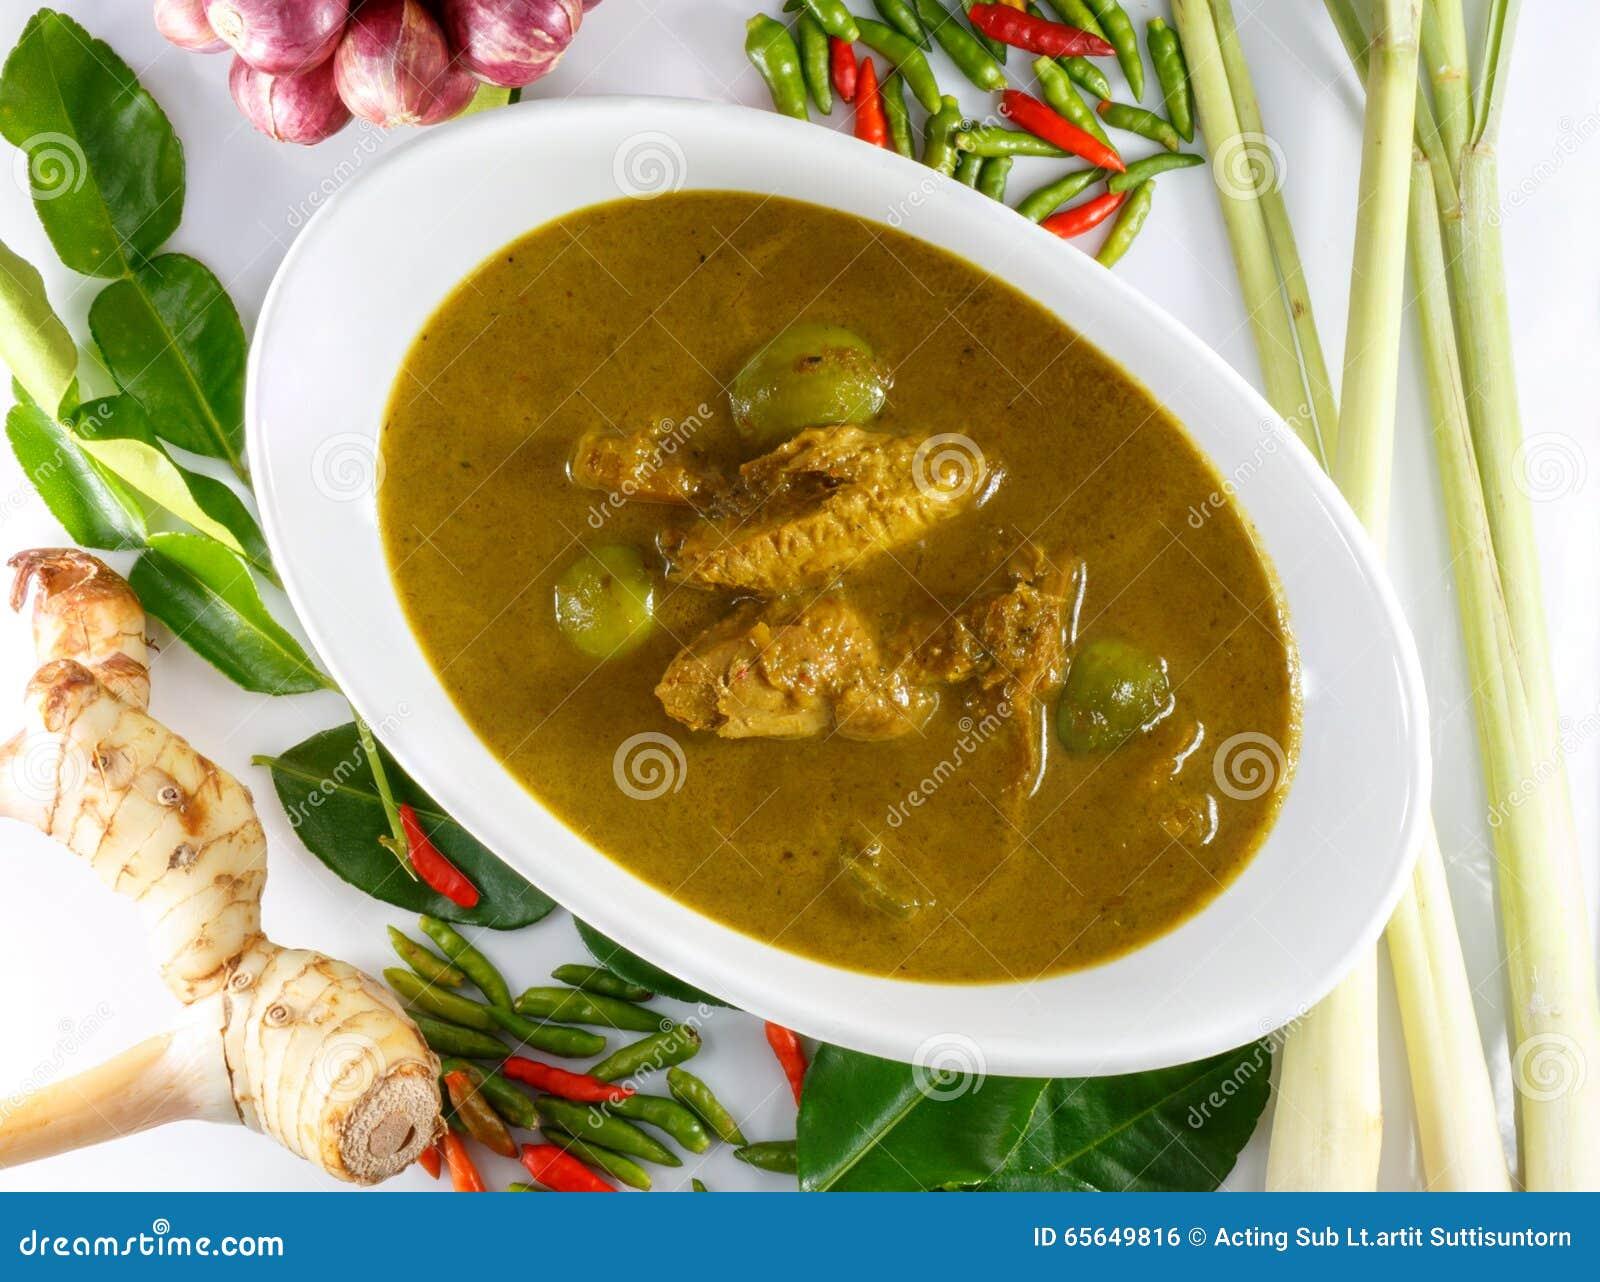 Les organes de poissons acidifient la soupe, nourriture thaïlandaise